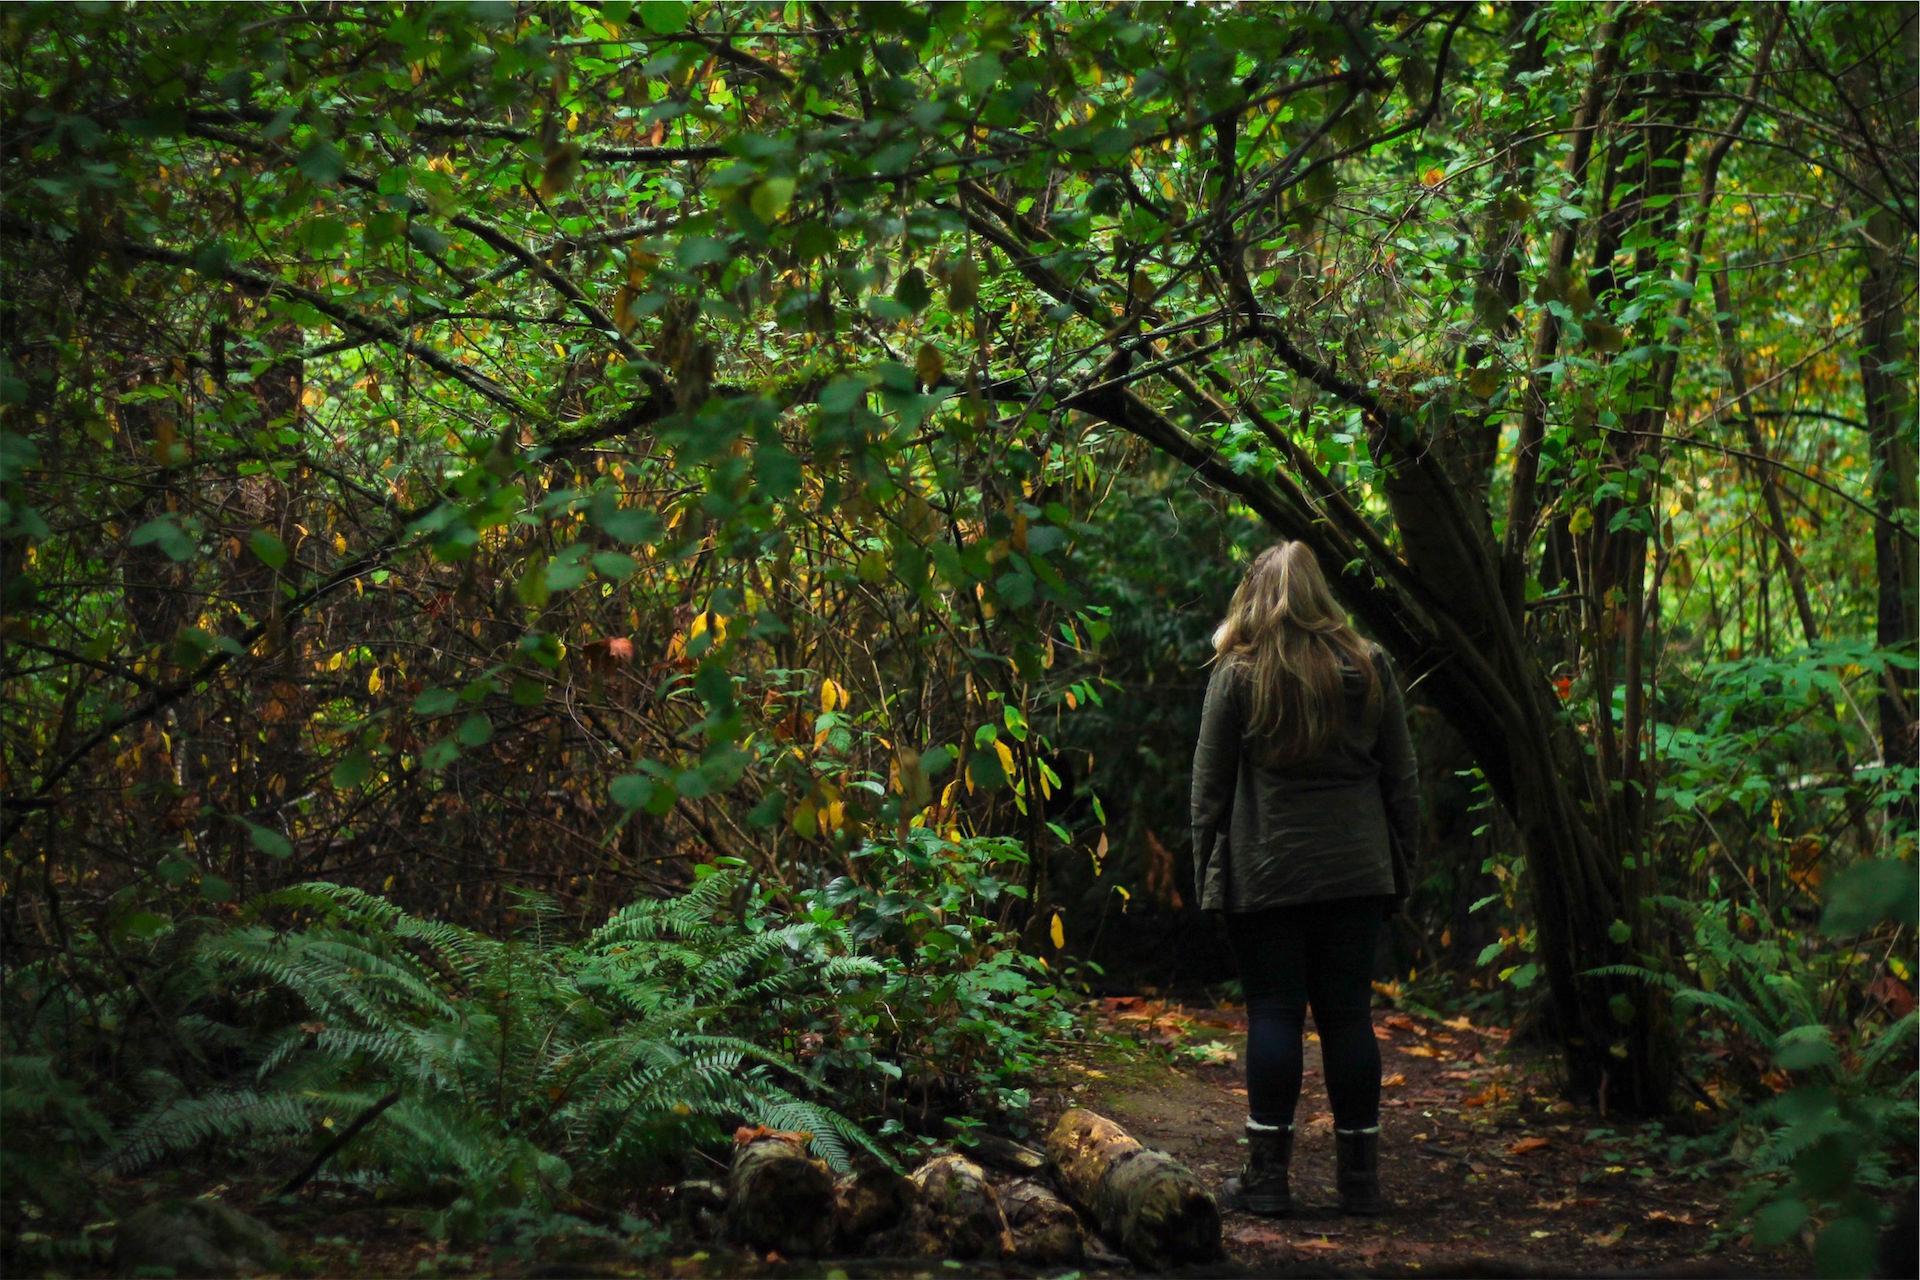 女人, 森林, selva, 字段, follaje - 高清壁纸 - 教授-falken.com